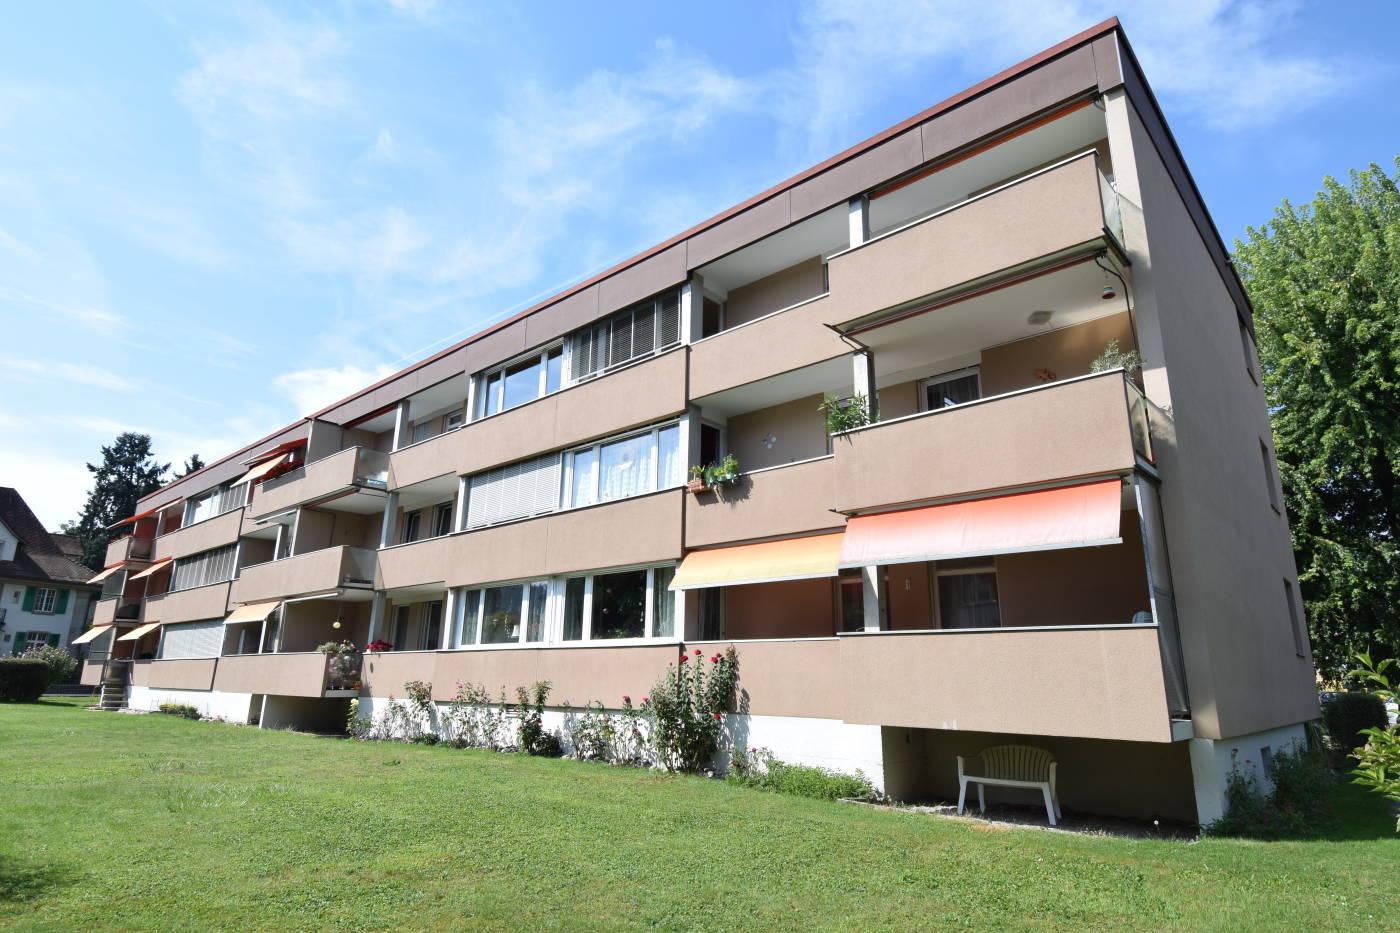 Kauf einer bestehenden Eigentumgswohnung